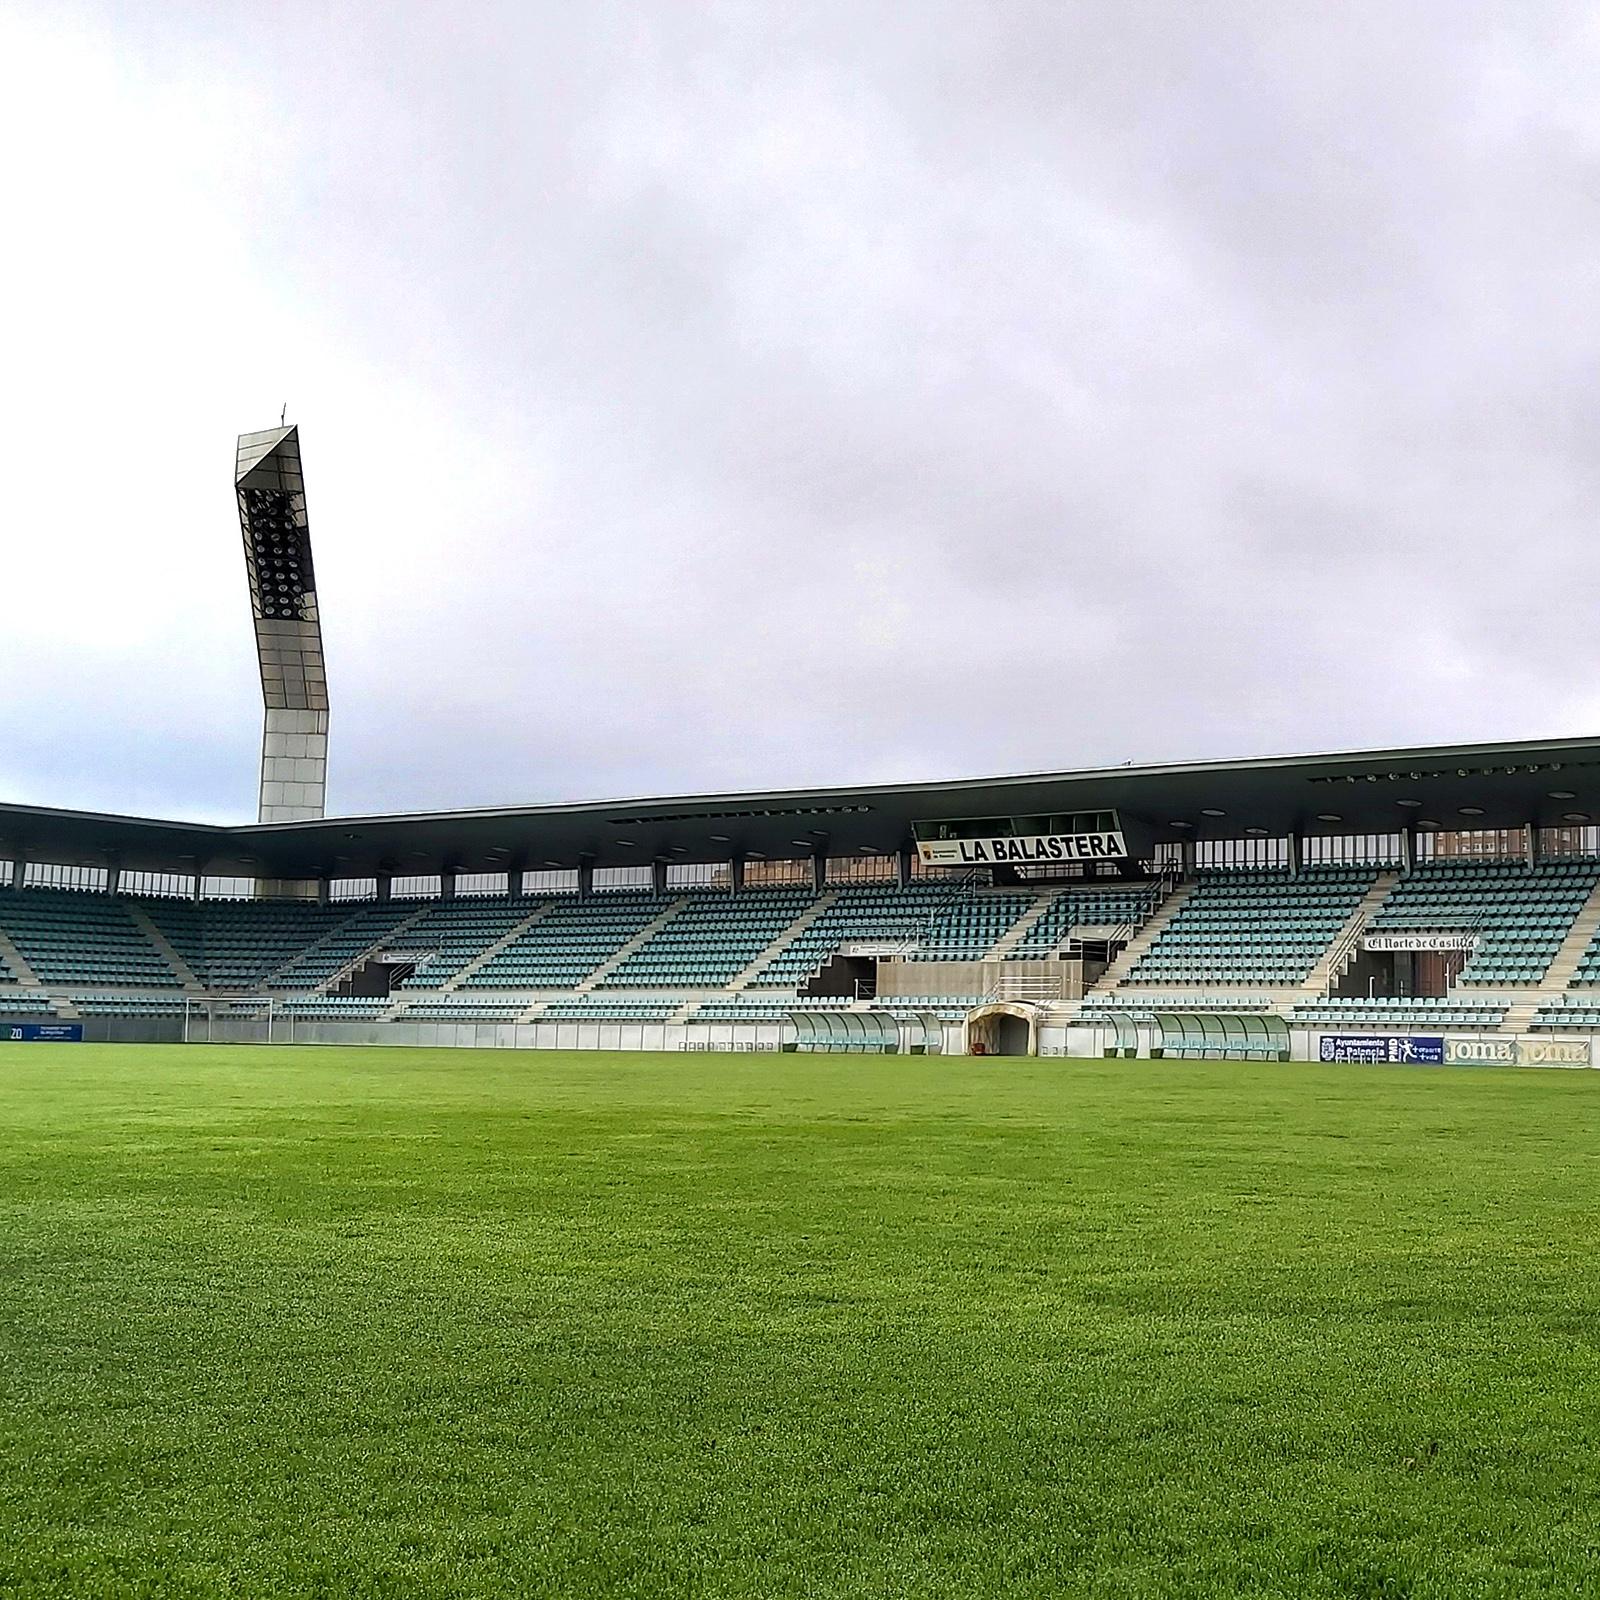 https://palenciafootballacademy.com/wp-content/uploads/2021/04/balastera2.jpg